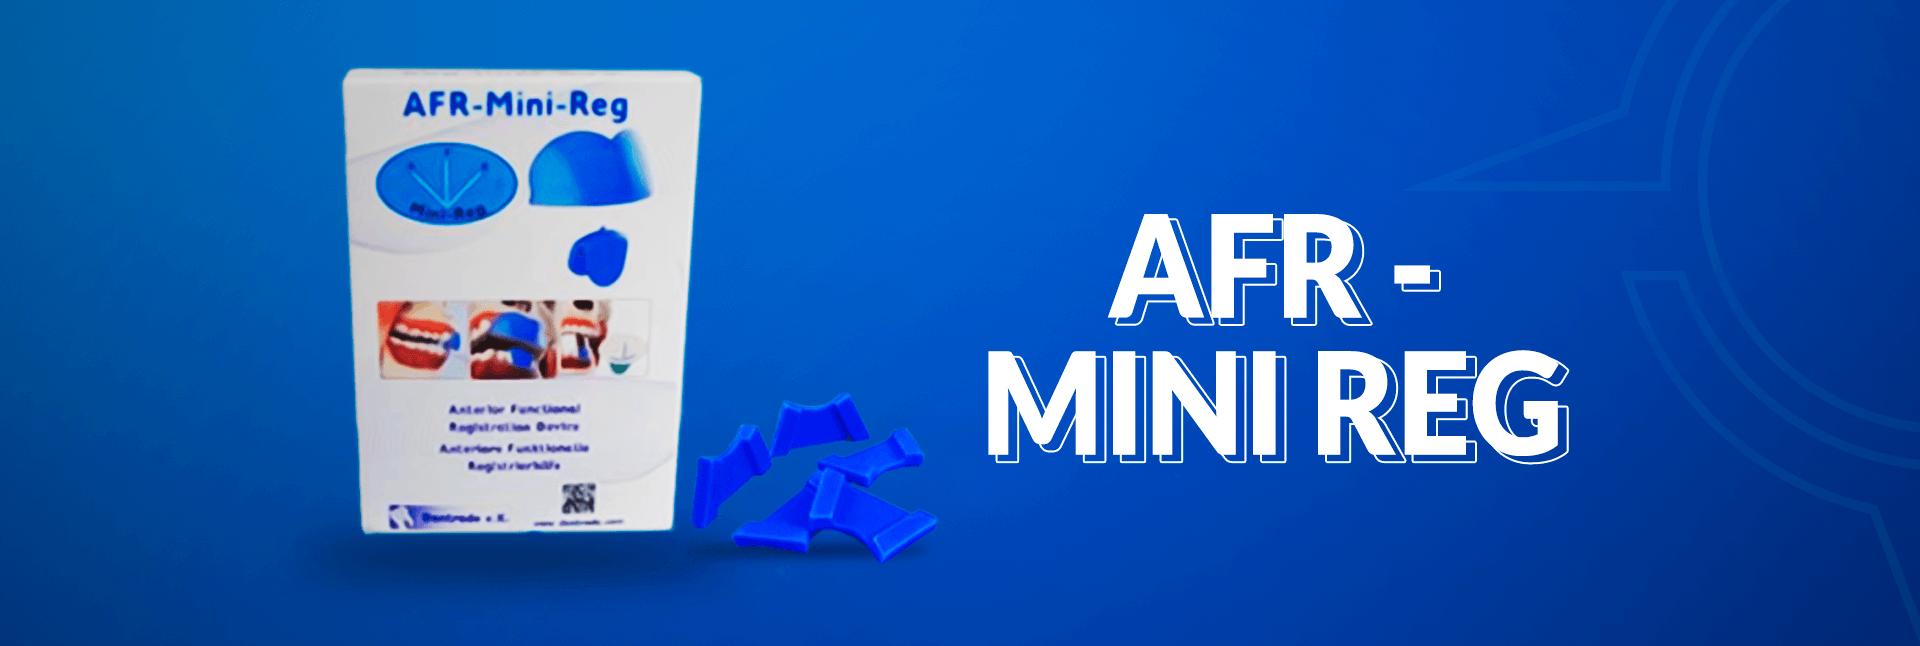 AFR-Mini Reg - Bausch